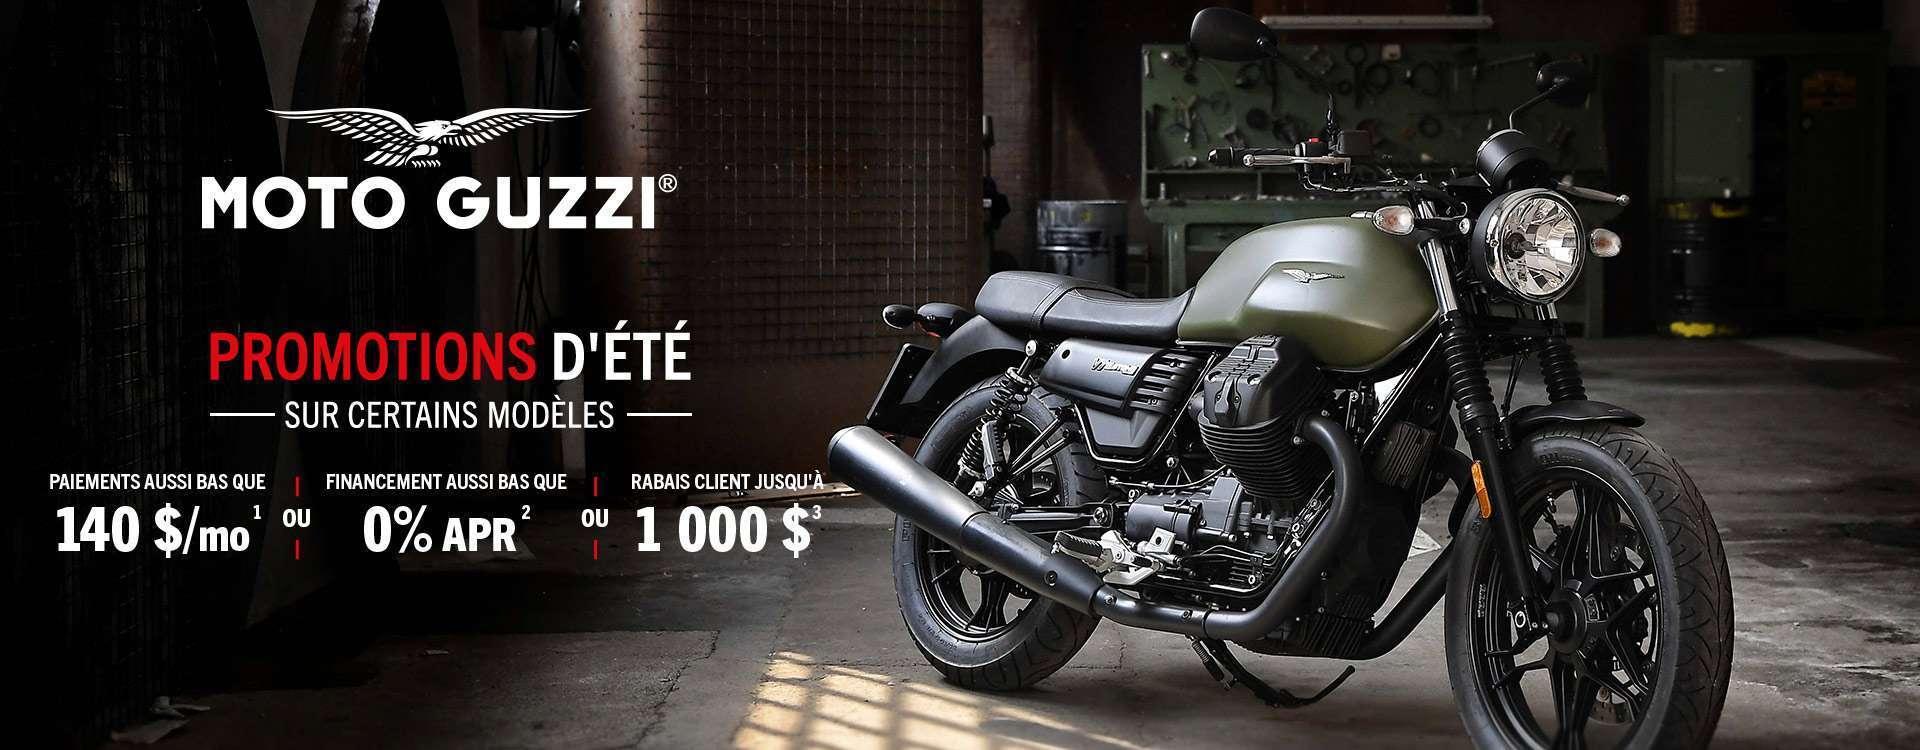 Profitez du beau temps et des promotions d'été moto Guzzi